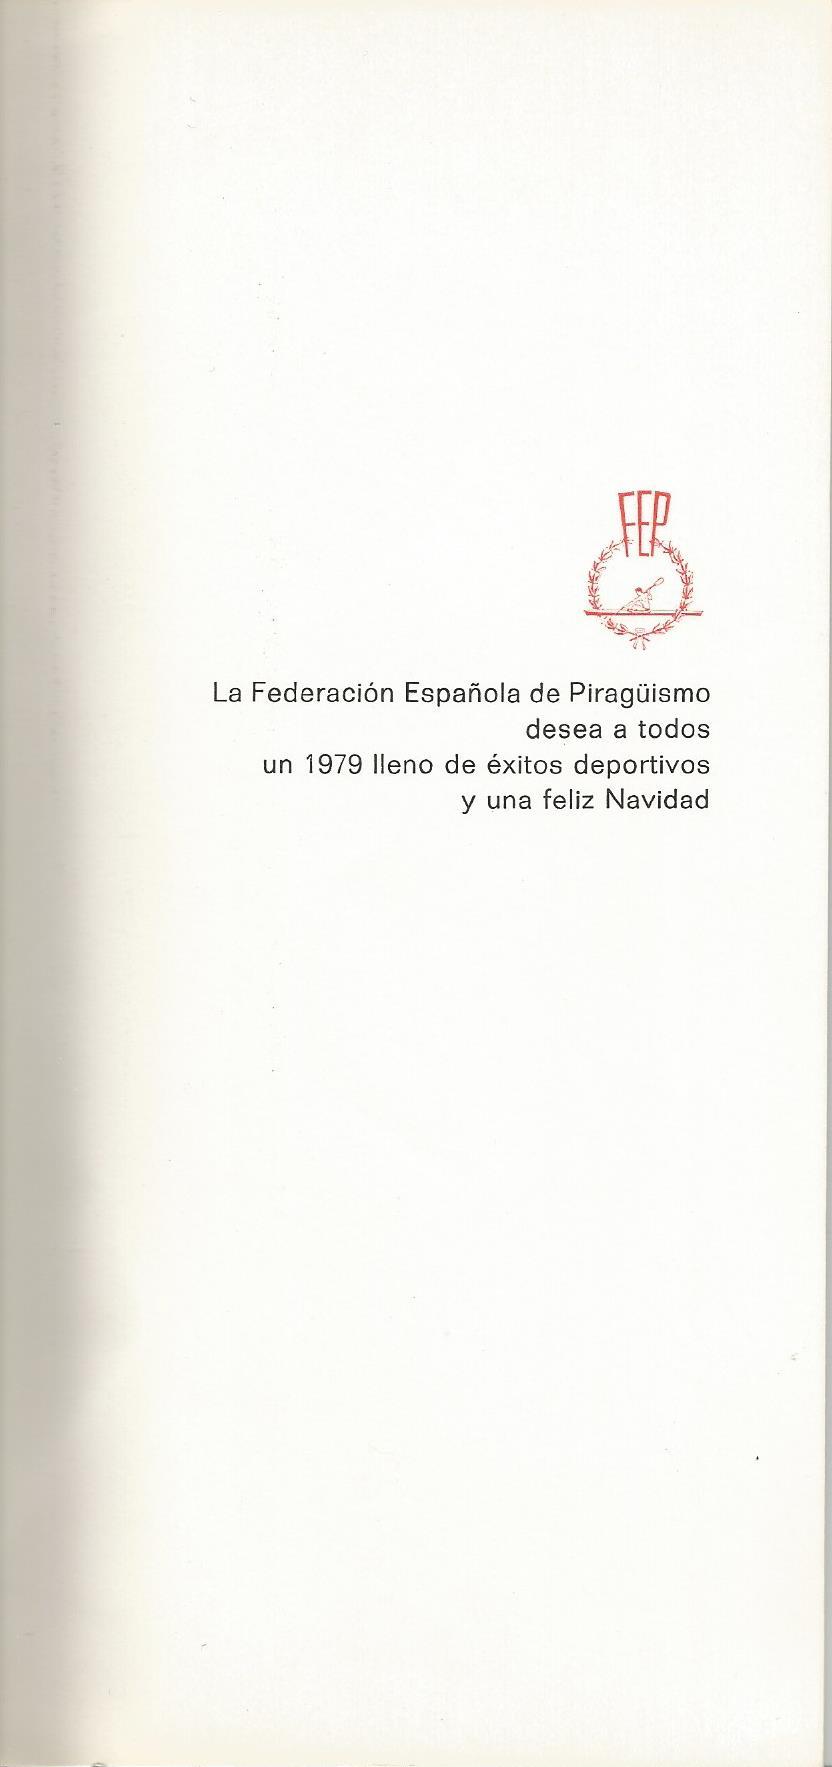 CHRISTMAS RFEP 1979 REVERSO